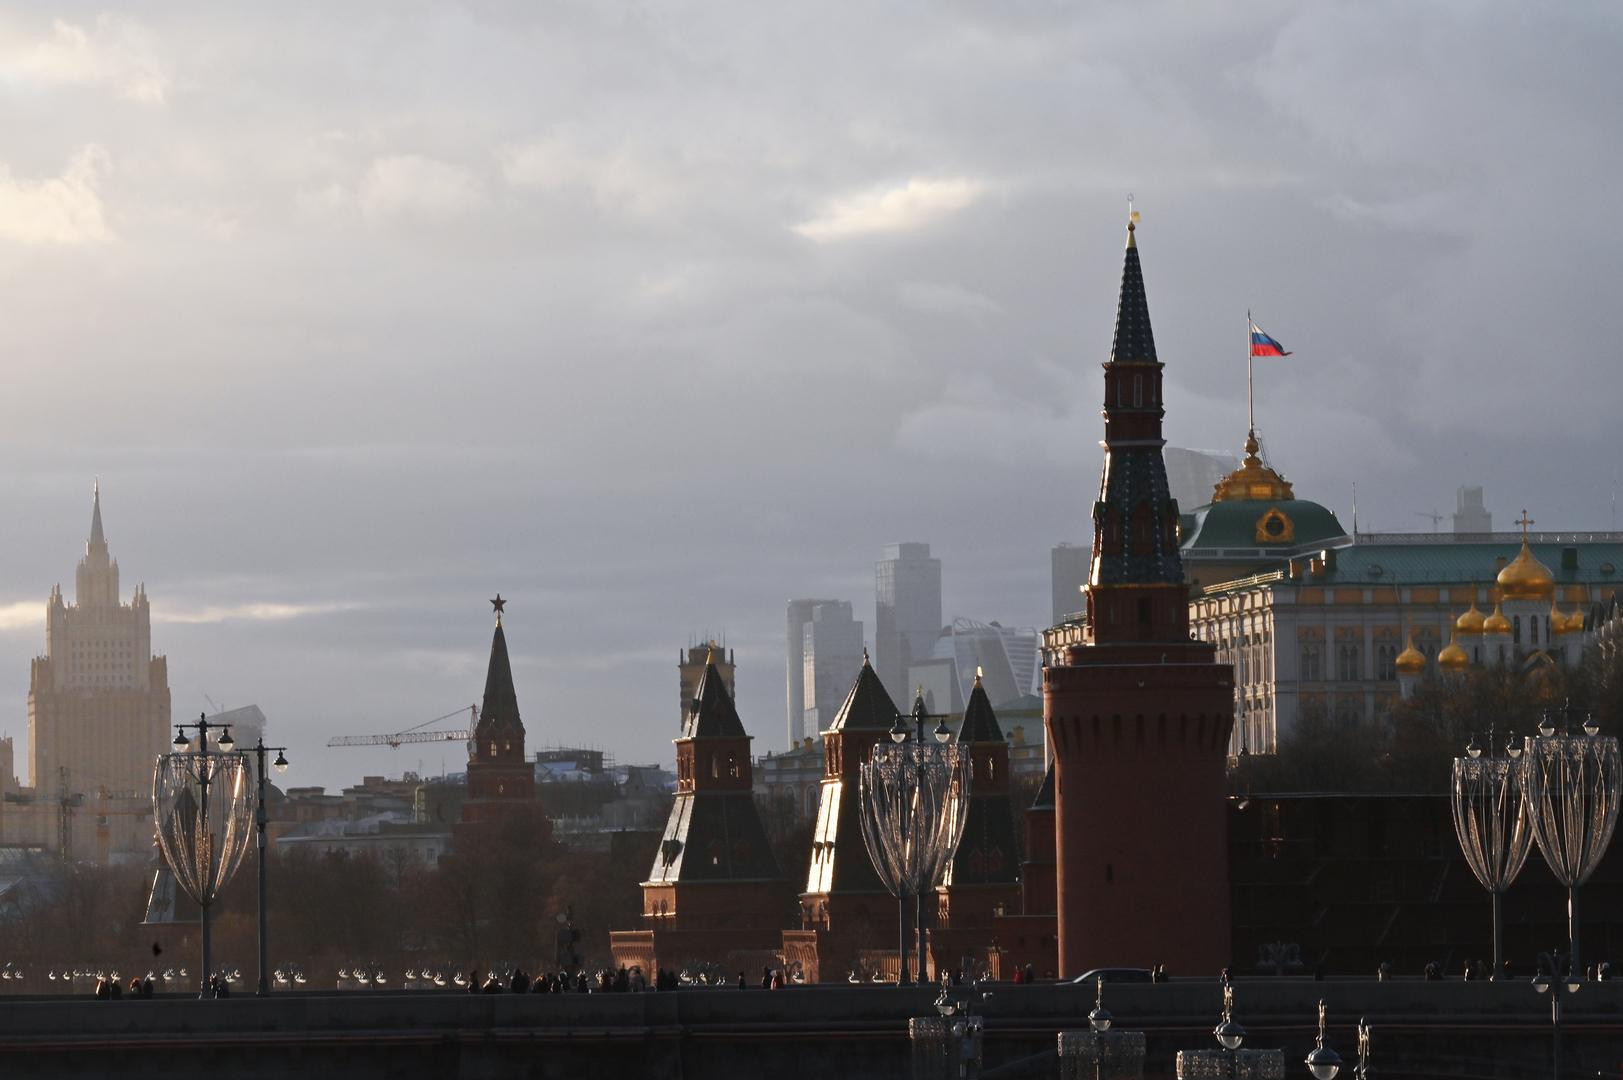 الكرملين: روسيا مهتمة بالحوار مع الناتو وعلاقاتنا مع تركيا مثال يحتذى به